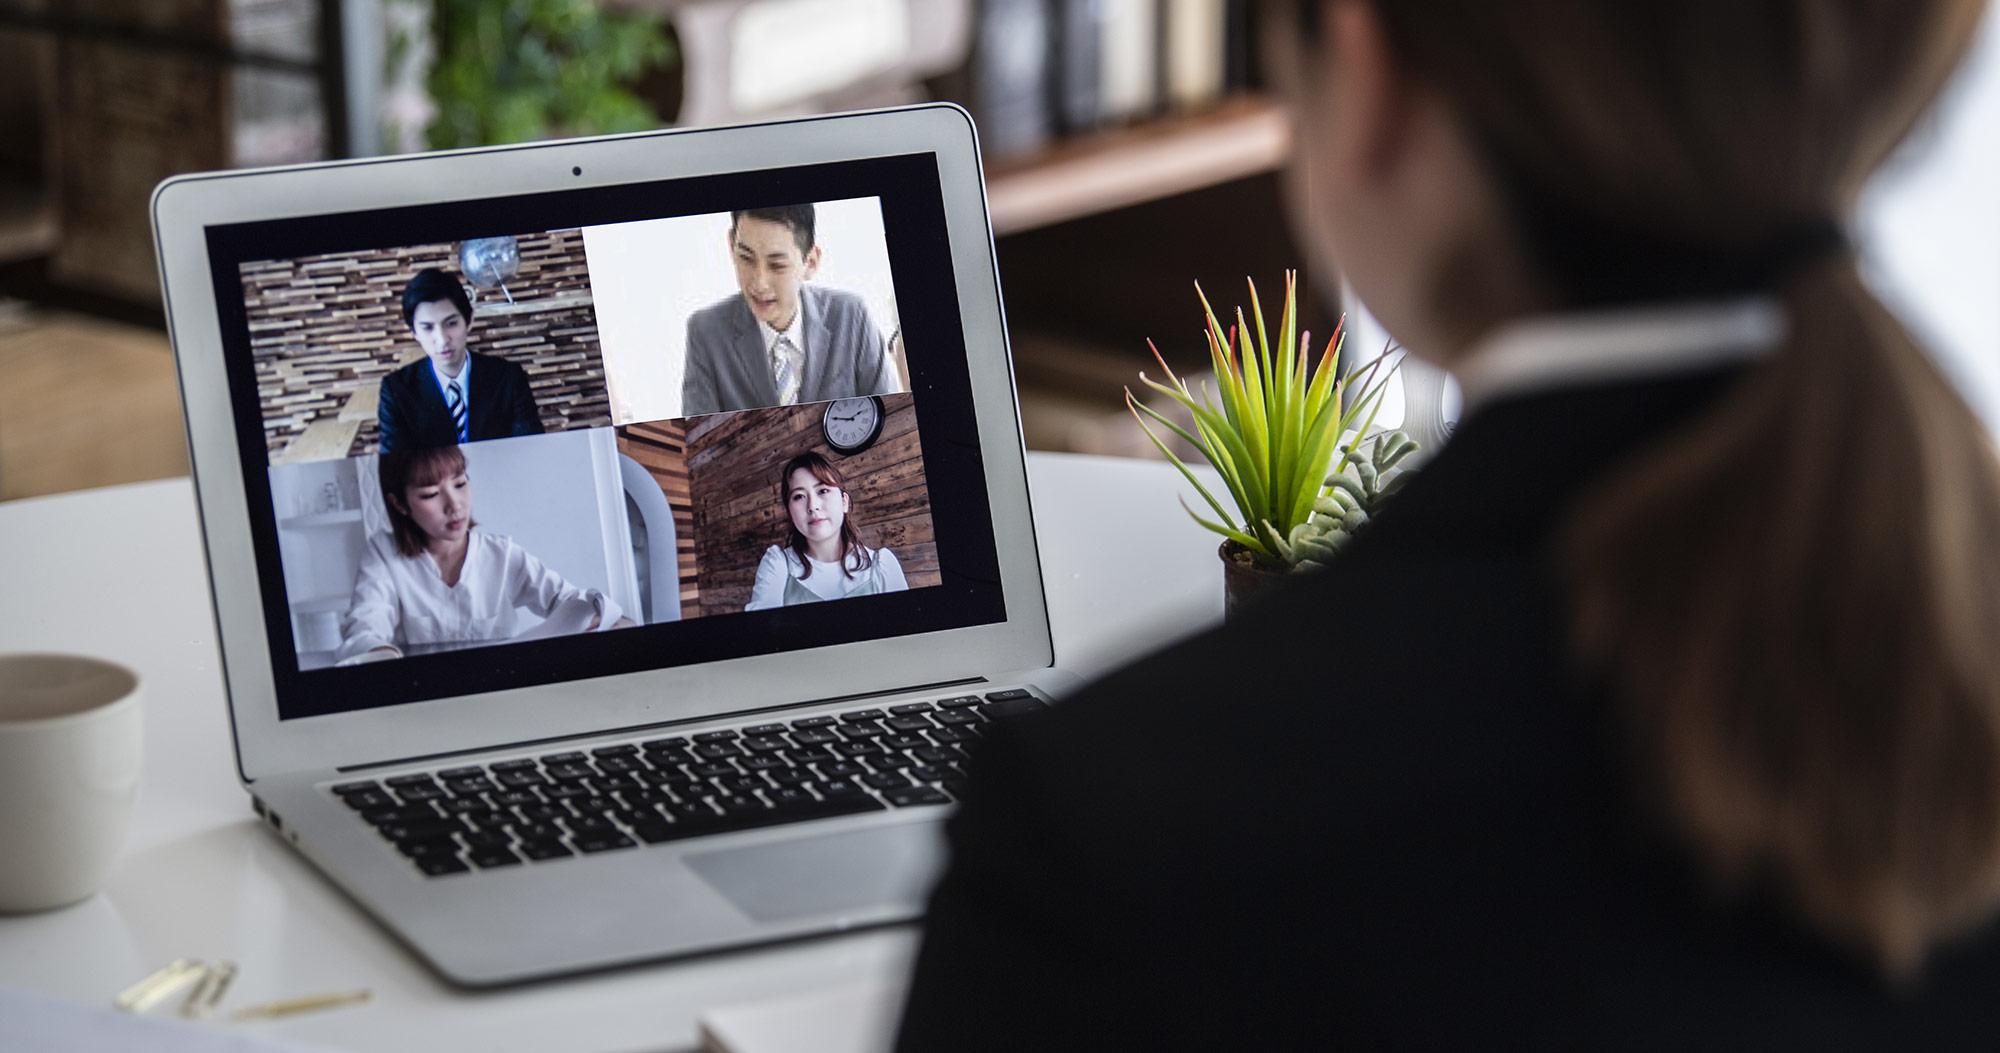 動画共有サービスUIshare_Webイベント&ミーティングソリューションをリリース